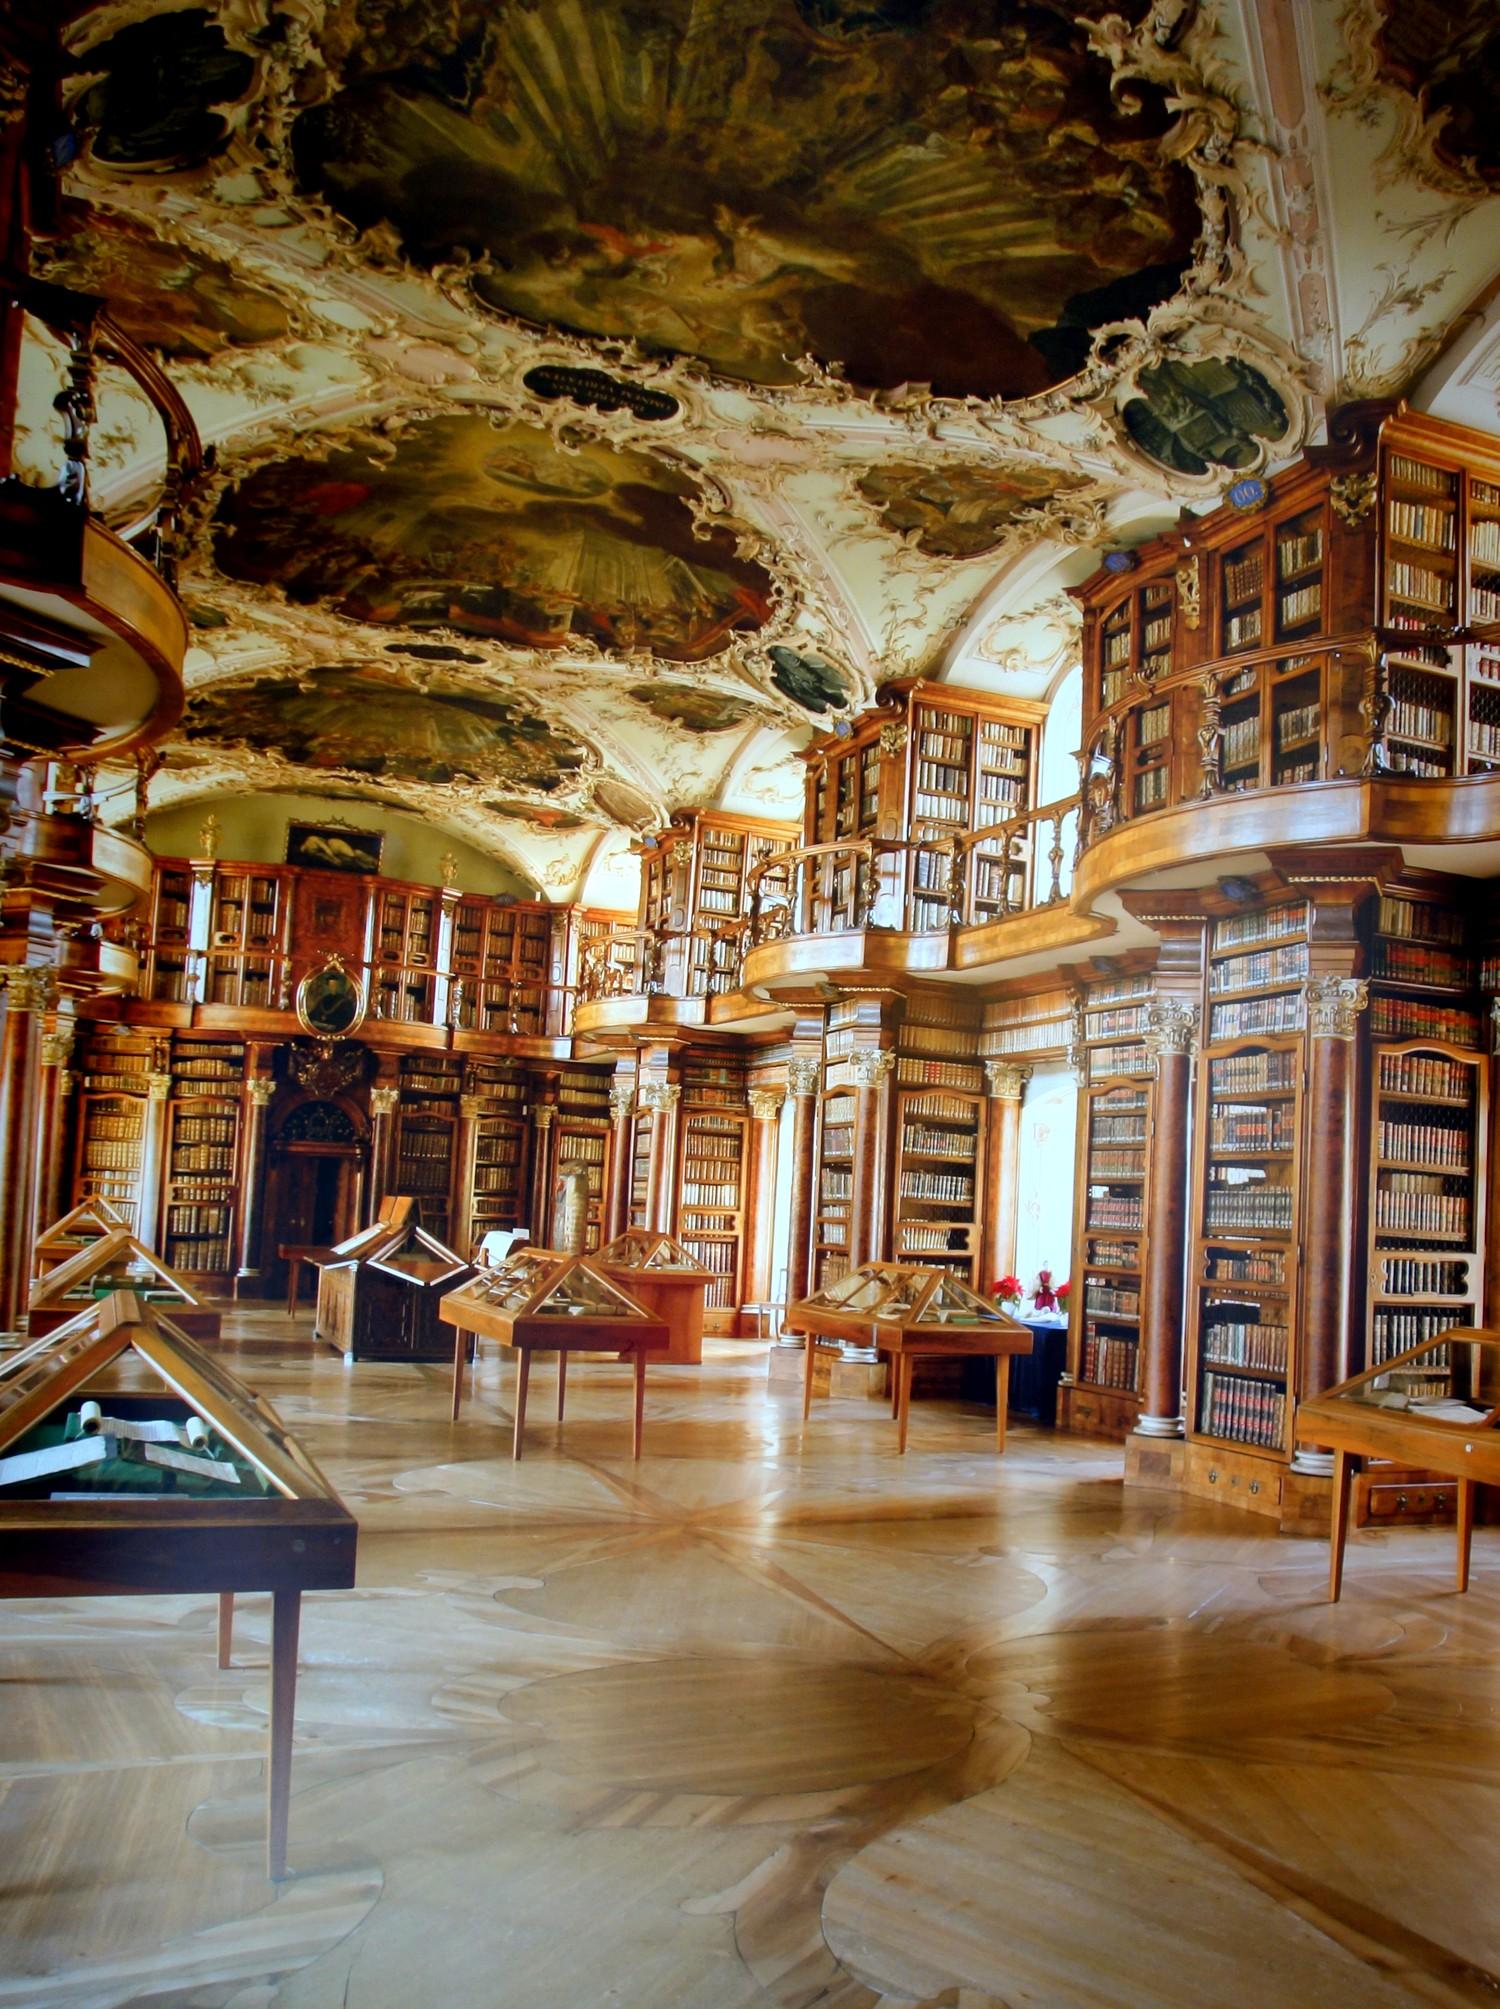 монастырь Санкт-Галлен - библиотека